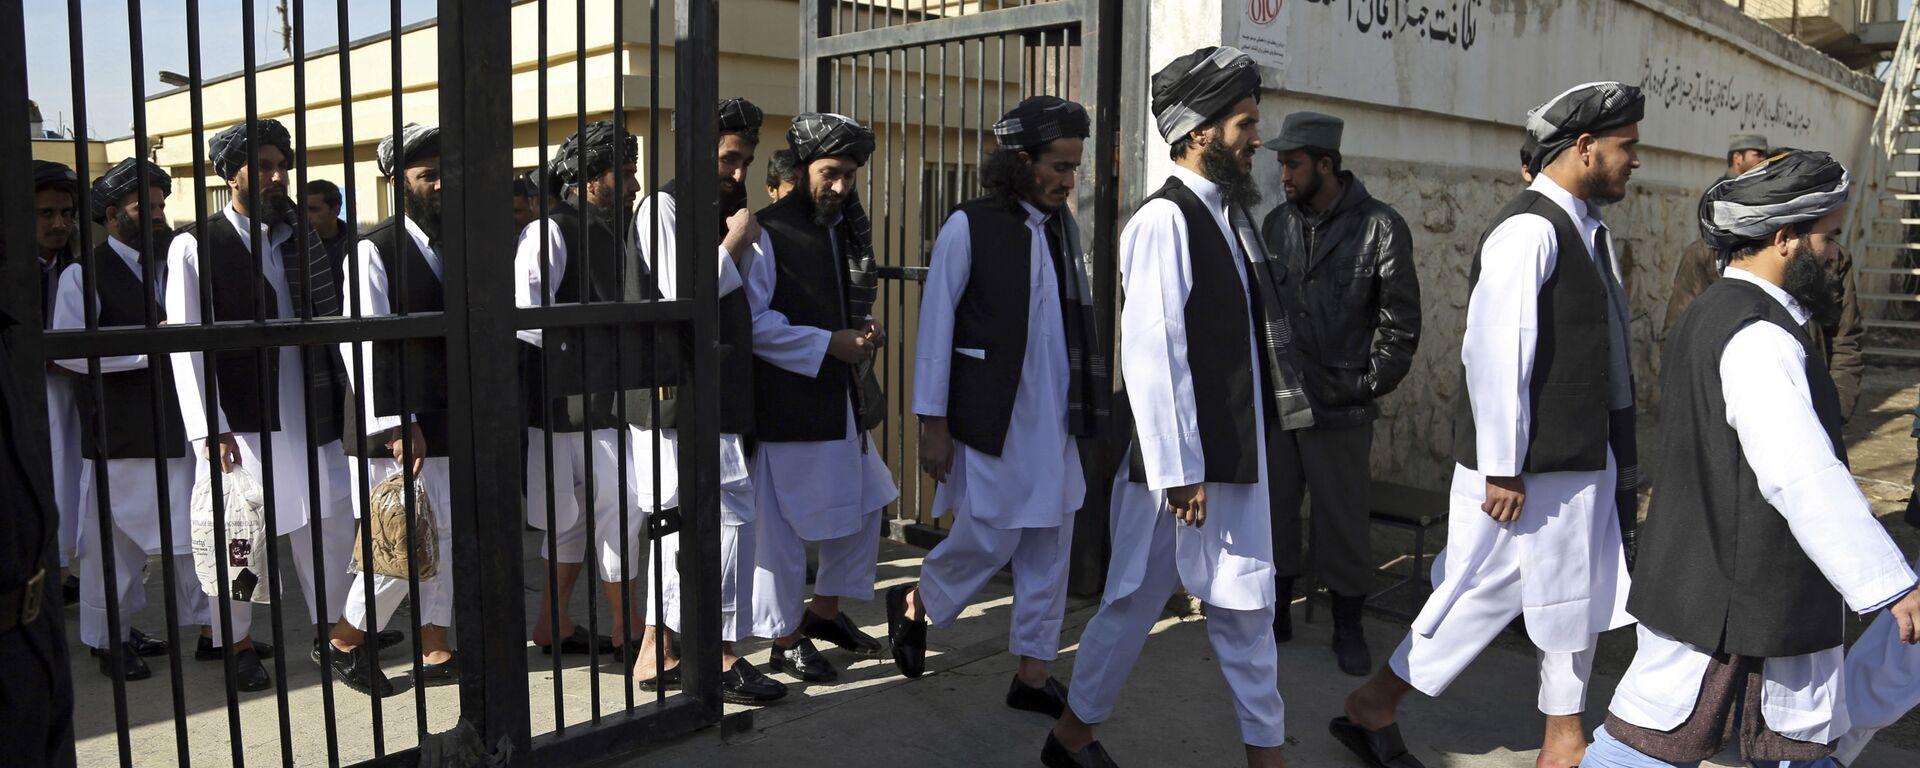 Афганские заключенные готовятся к освобождению из тюрьмы, архивное фото - Sputnik Таджикистан, 1920, 19.08.2021